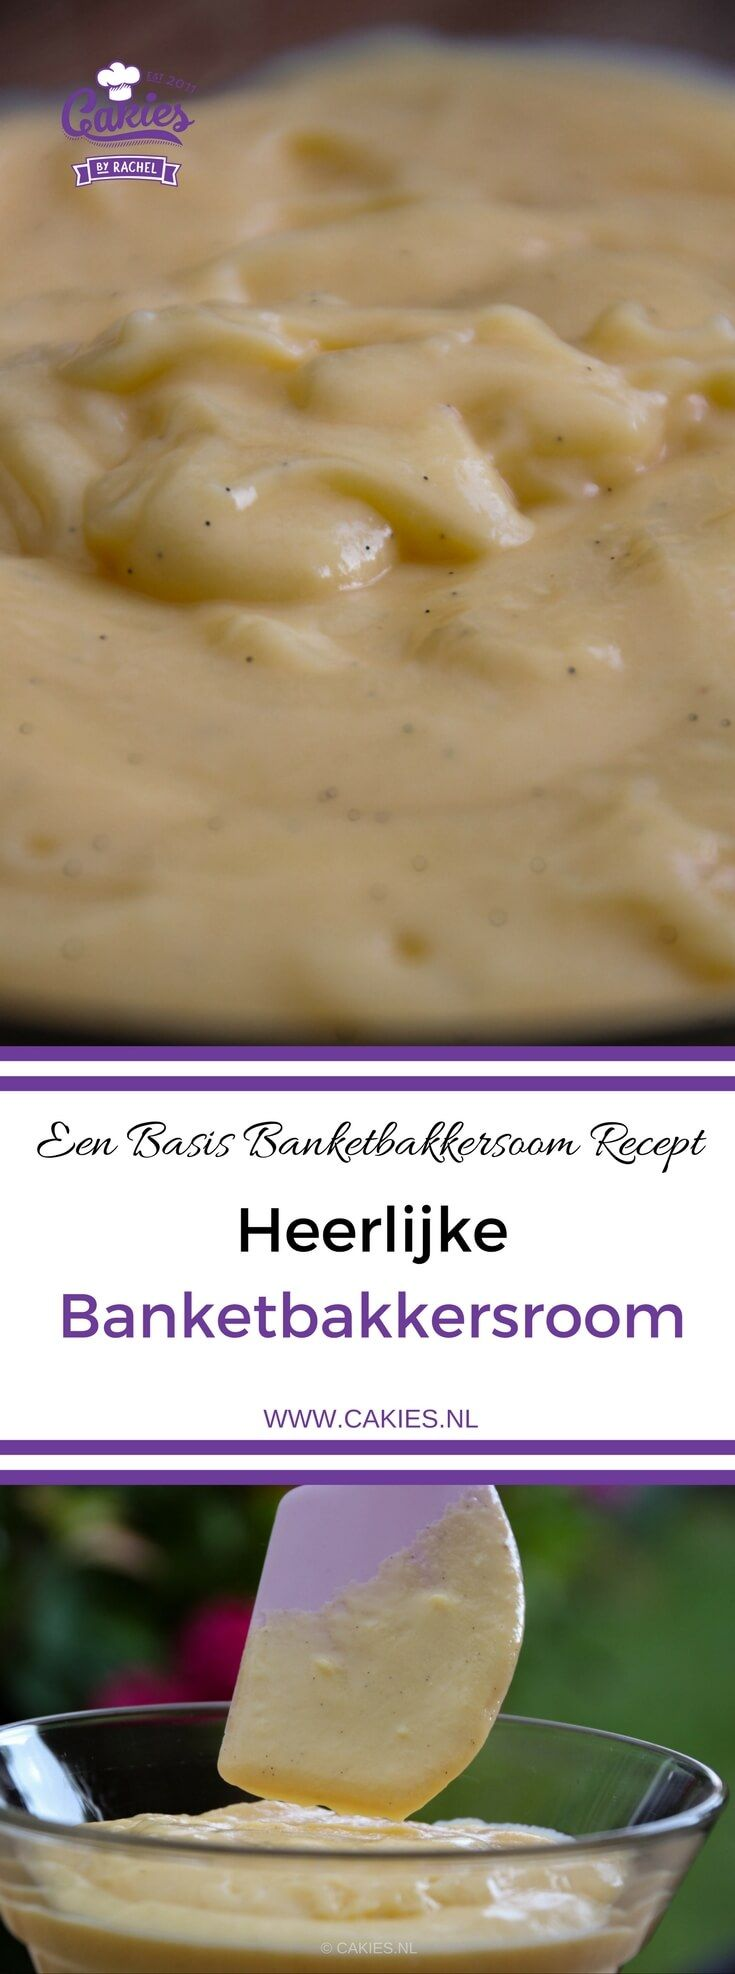 Banketbakkersroom is een heerlijke custard of pudding die vaak wordt gebruikt in bakkerijen en restaurants. Banketbakkersroom is makkelijk zelf te maken. Basis Banketbakkersroom Recept.